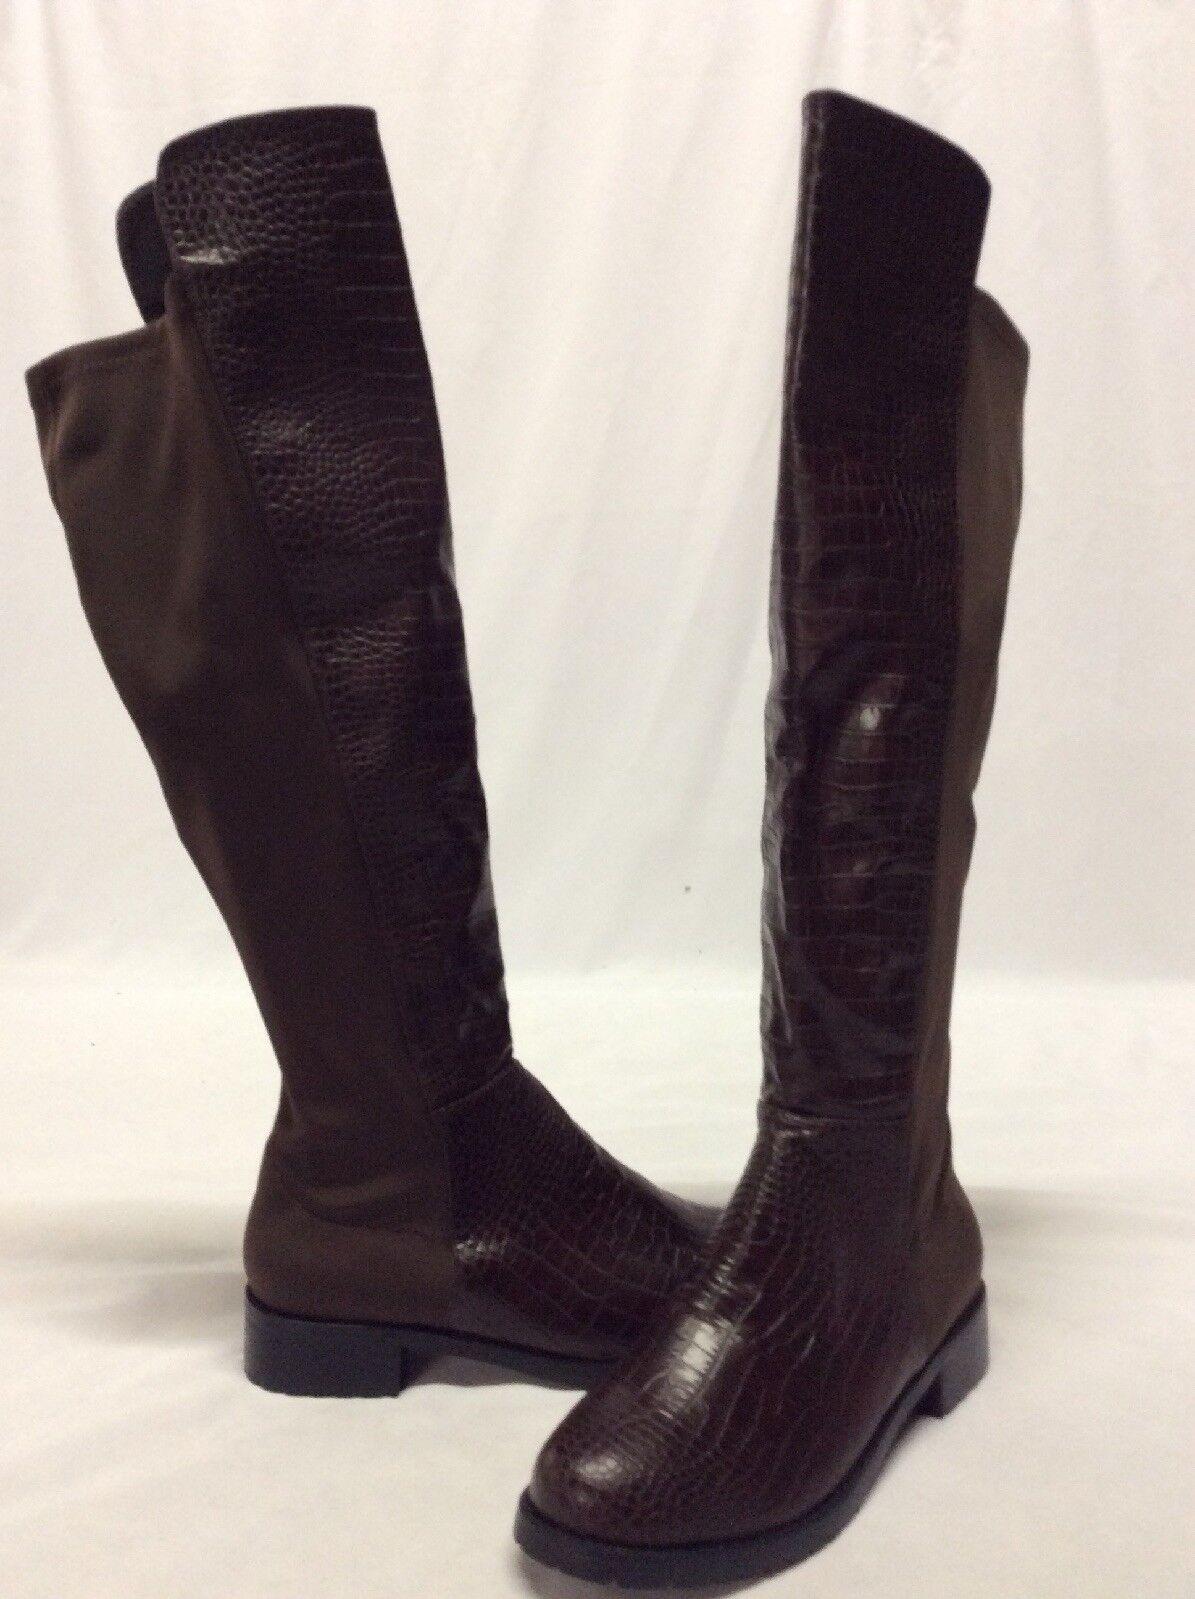 in vendita GC GC GC scarpe donna's Knee High Riding Style Fashion stivali, Marrone, Dimensione 10  molto popolare